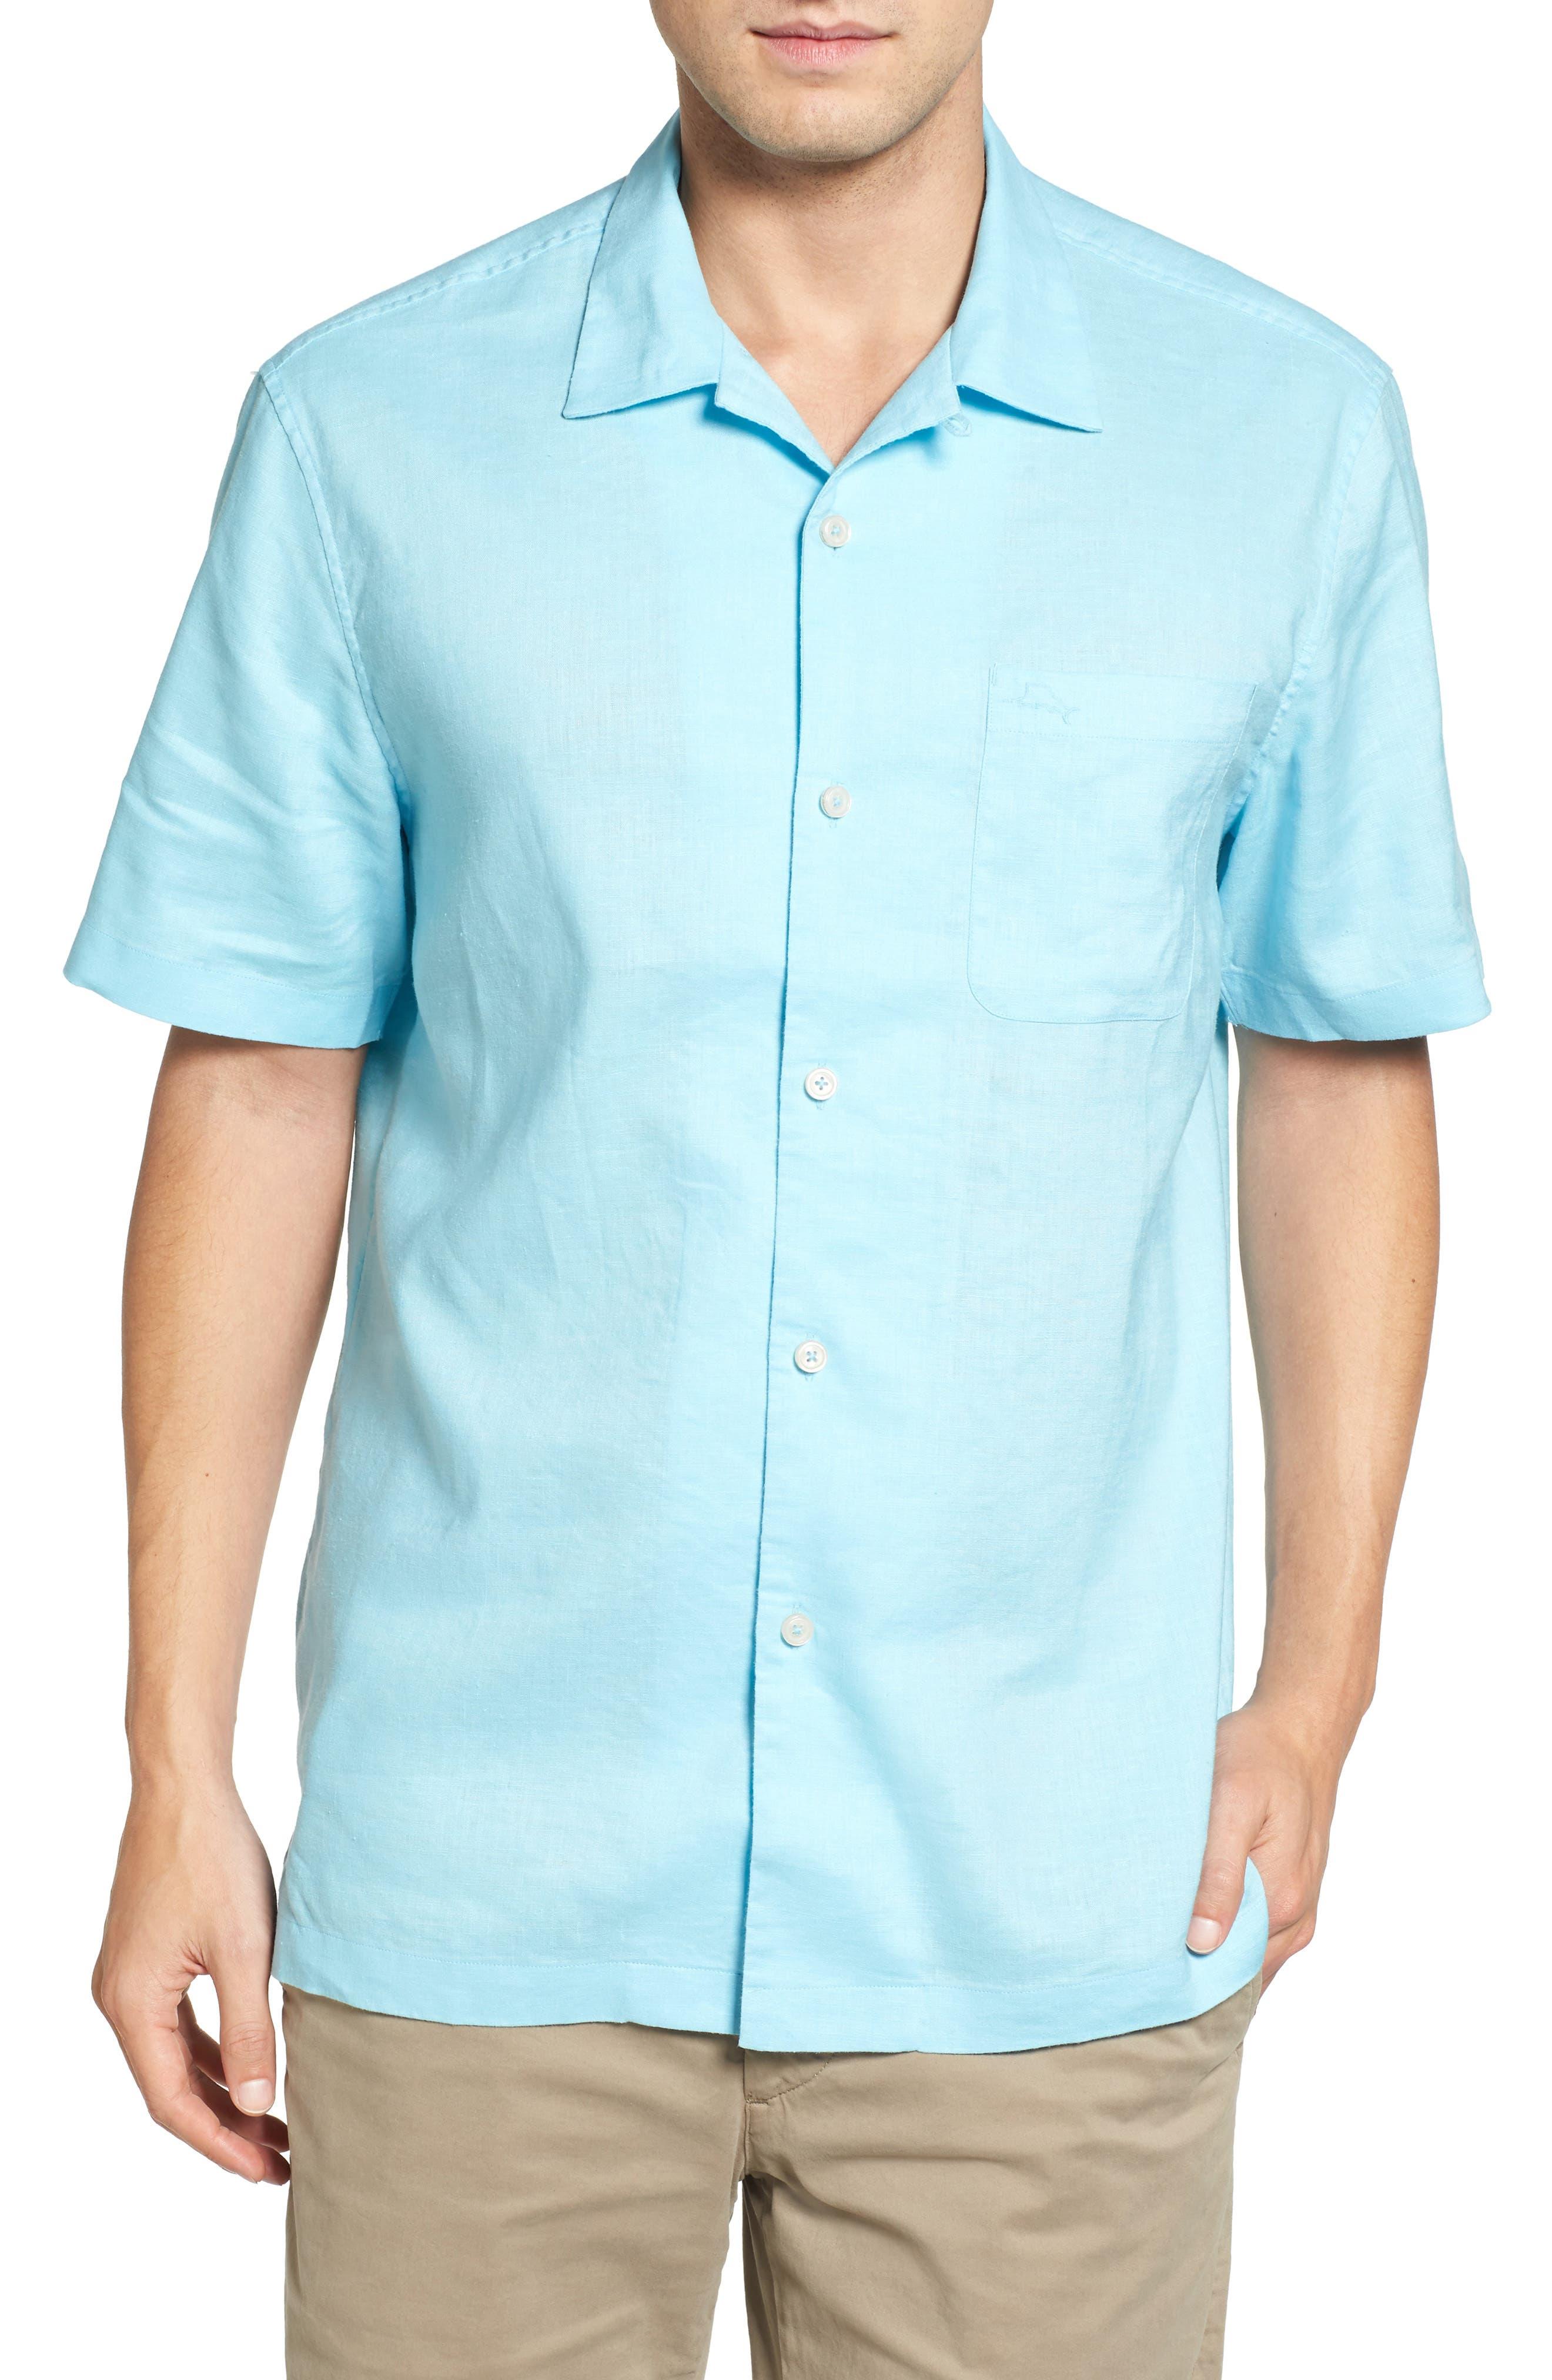 Monaco Tides Standard Fit Linen Blend Camp Shirt,                         Main,                         color, Graceful Sea